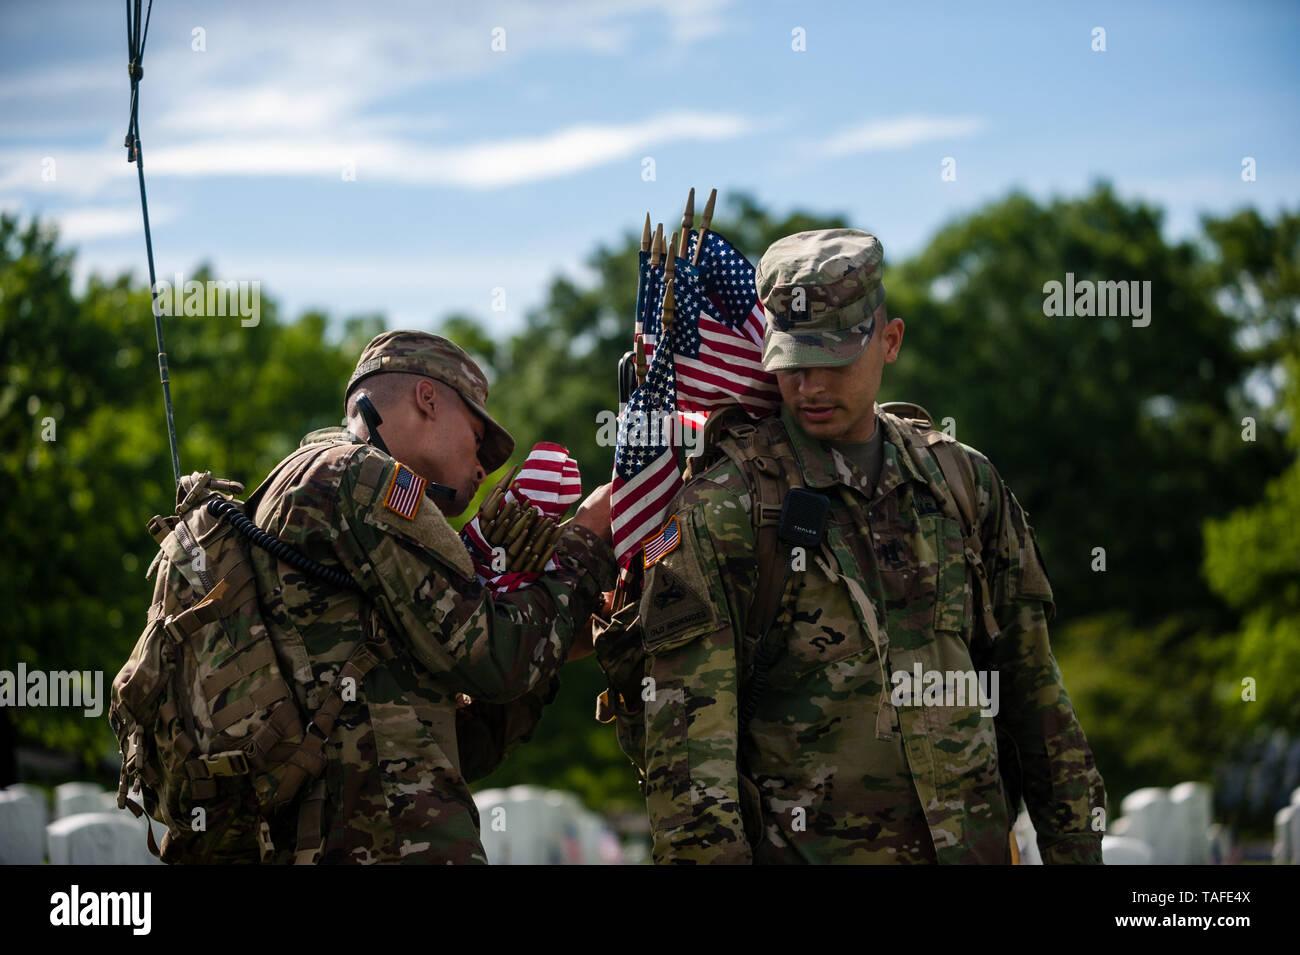 3d U S Infantry Regiment Stock Photos & 3d U S Infantry